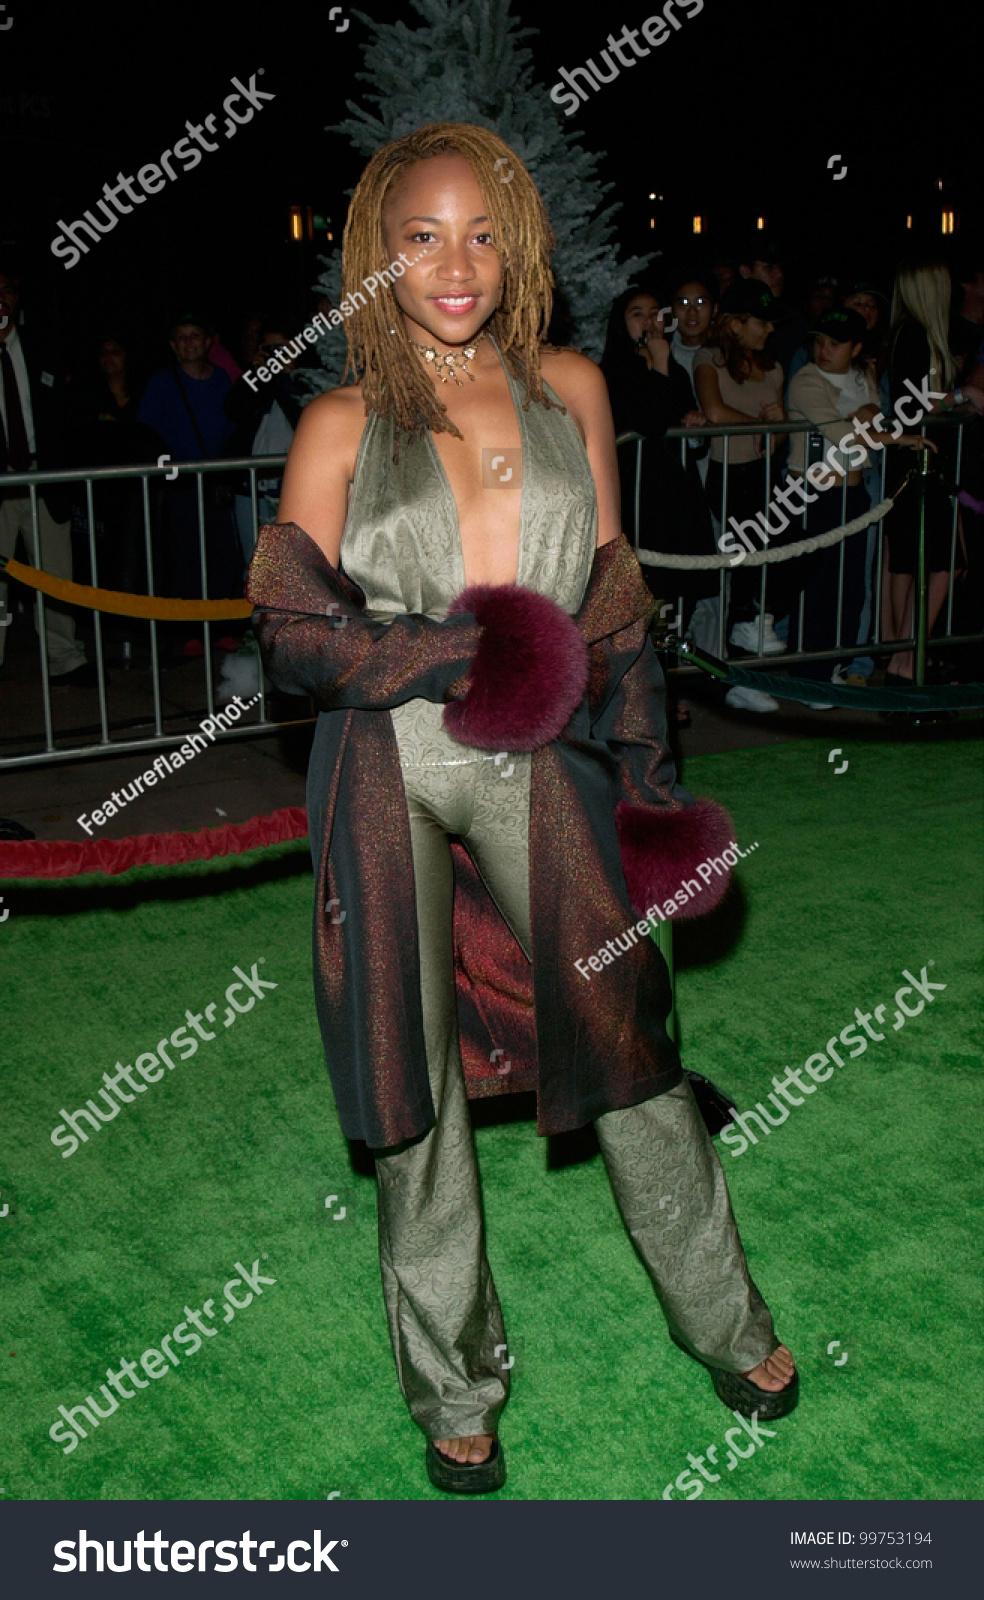 Samaria Graham - IMDb